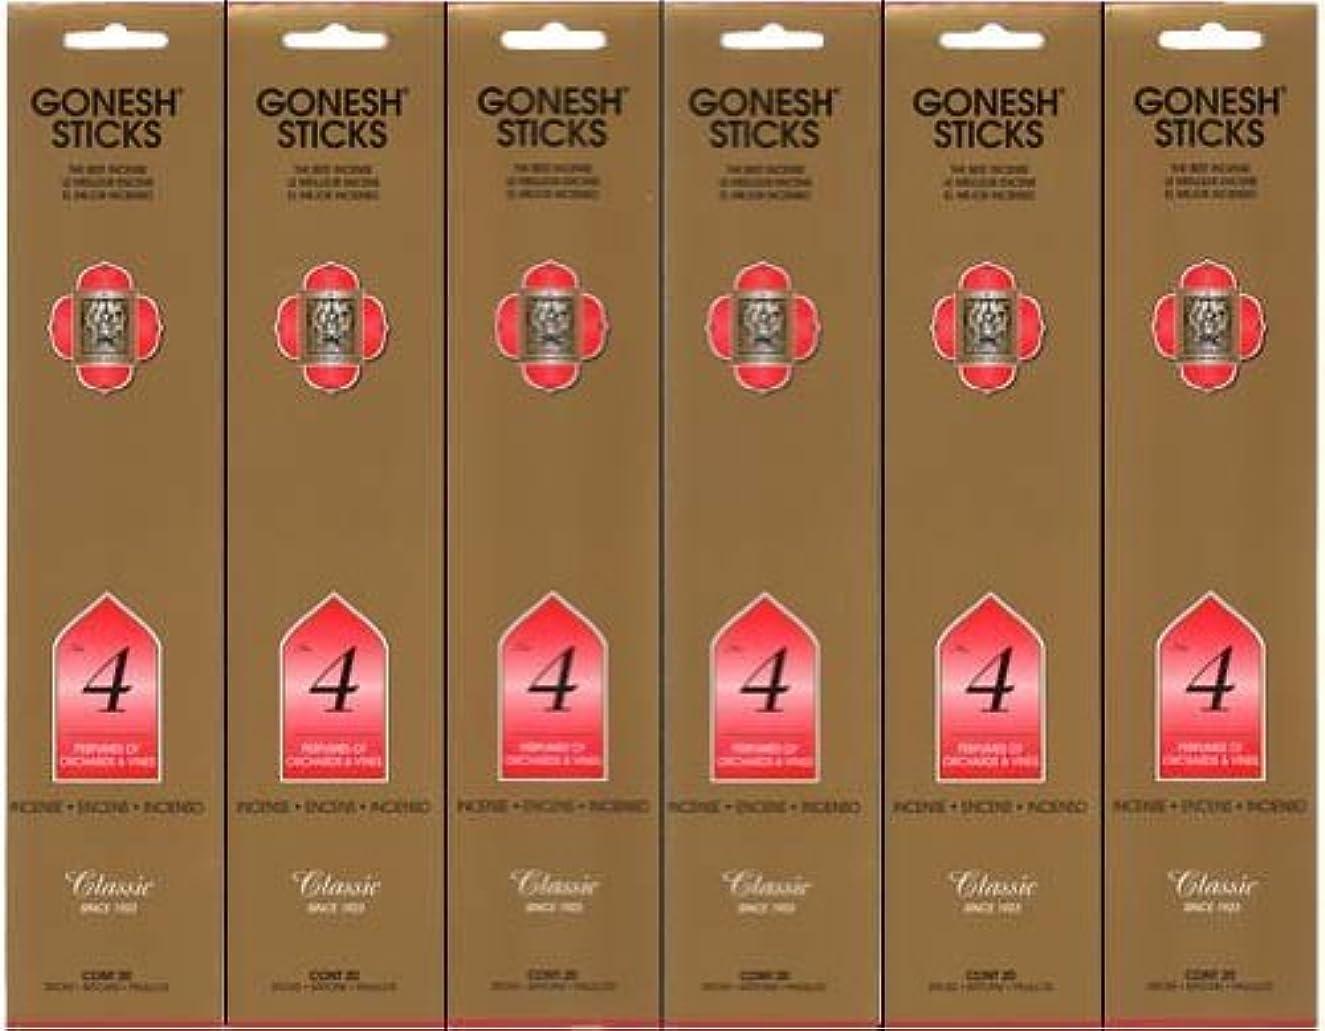 ラジウム時折兵士GONESH インセンス No.4 スティック 20本入り X 6パック (120本)